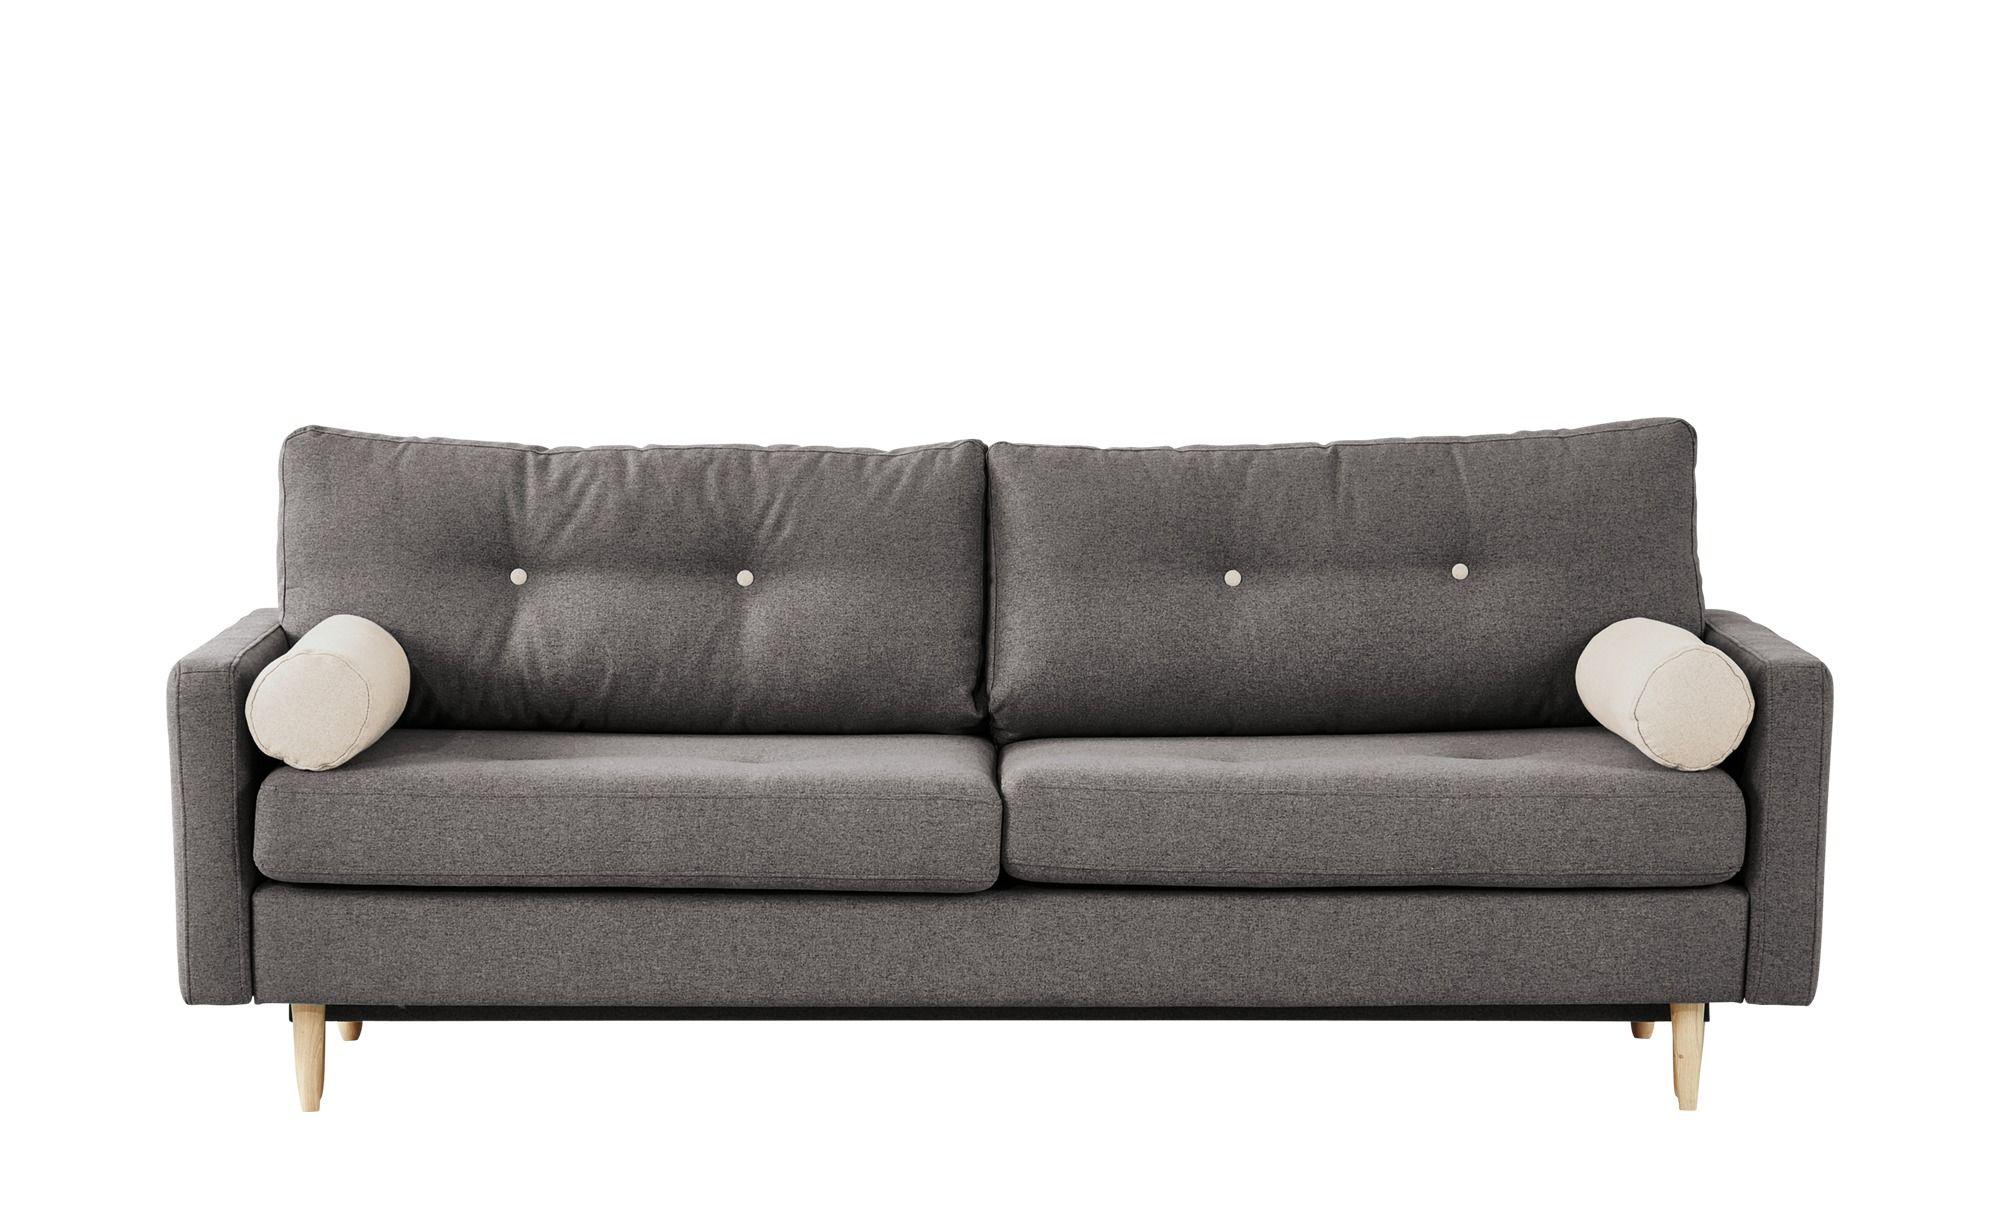 Pin Von Jane Radstrom Auf Sofas Sofa Furniture Sofa Und Couch